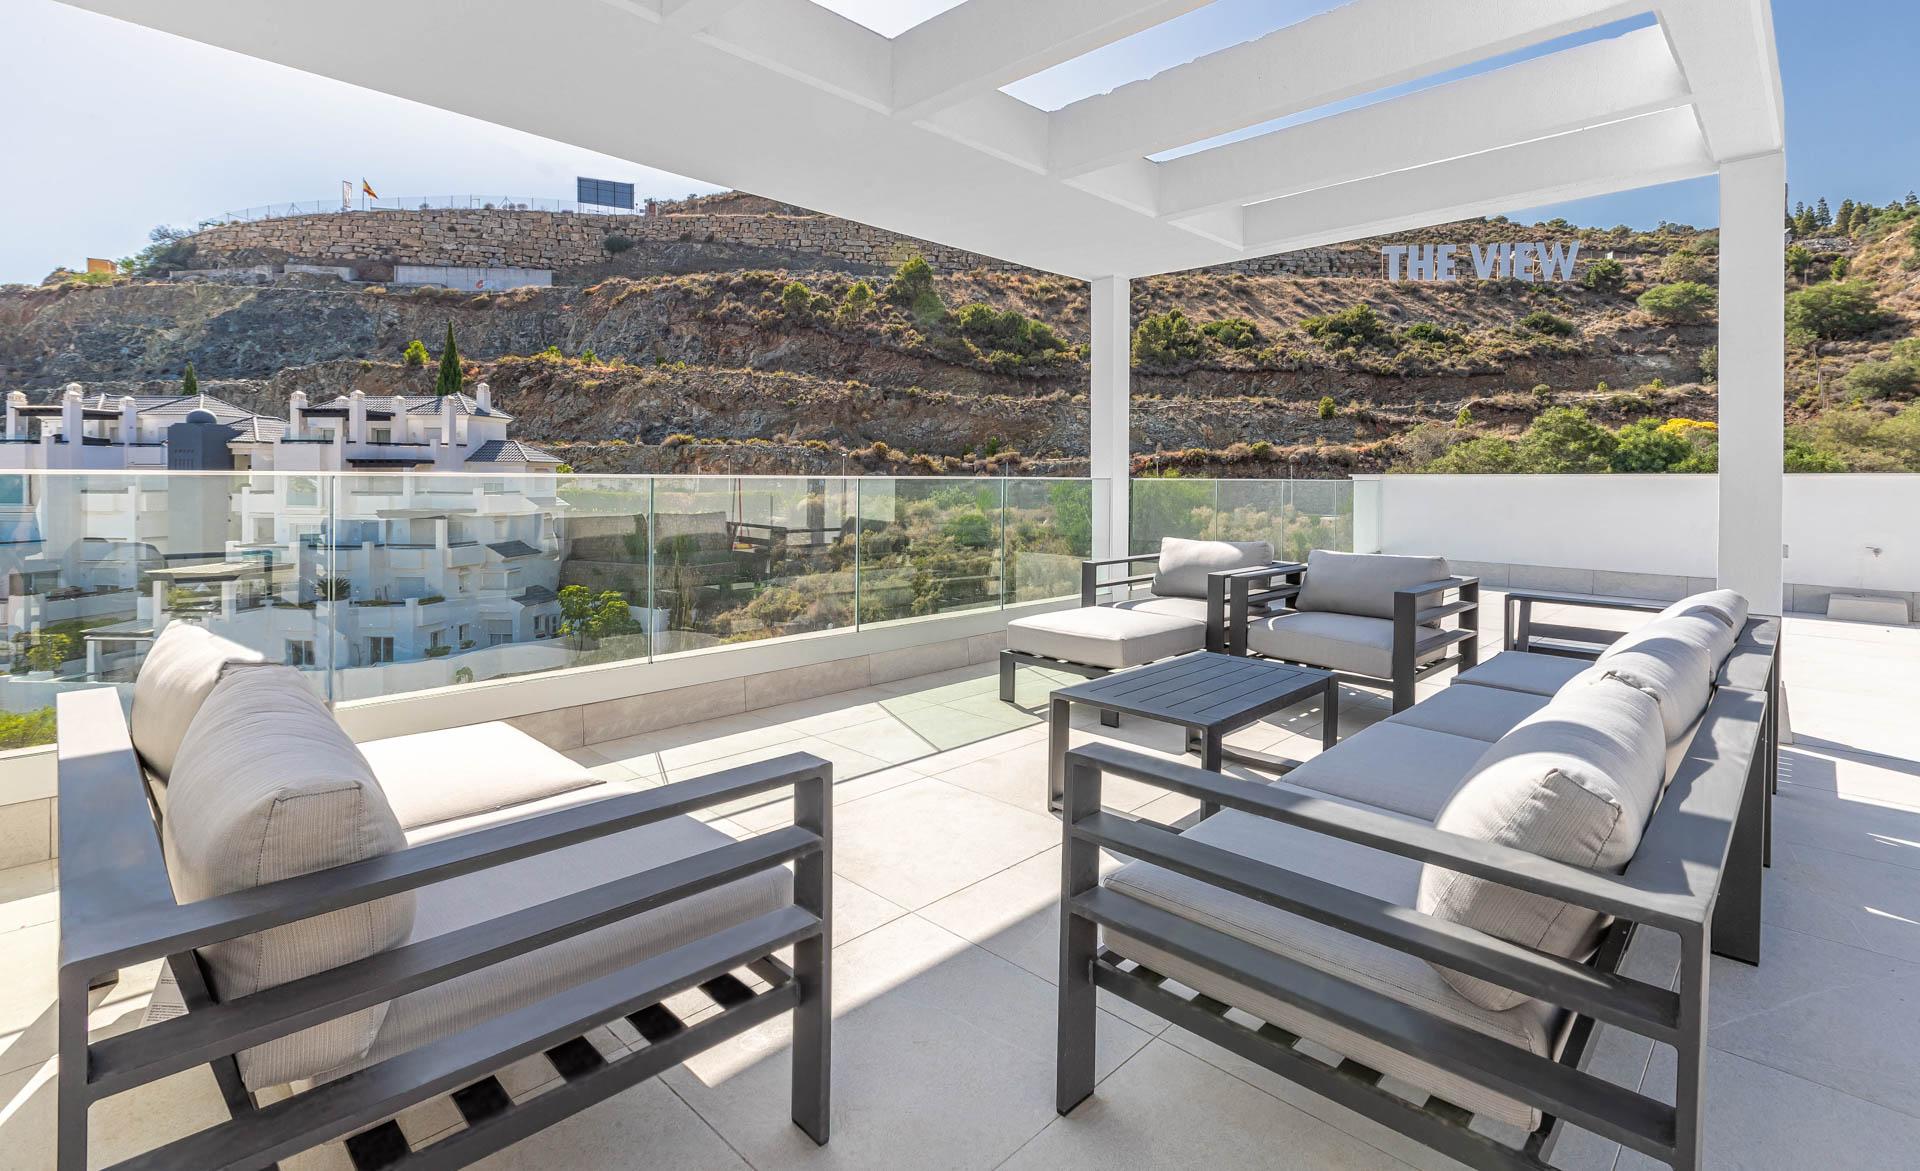 06 - Terrace - Alborada Homes - Full Res